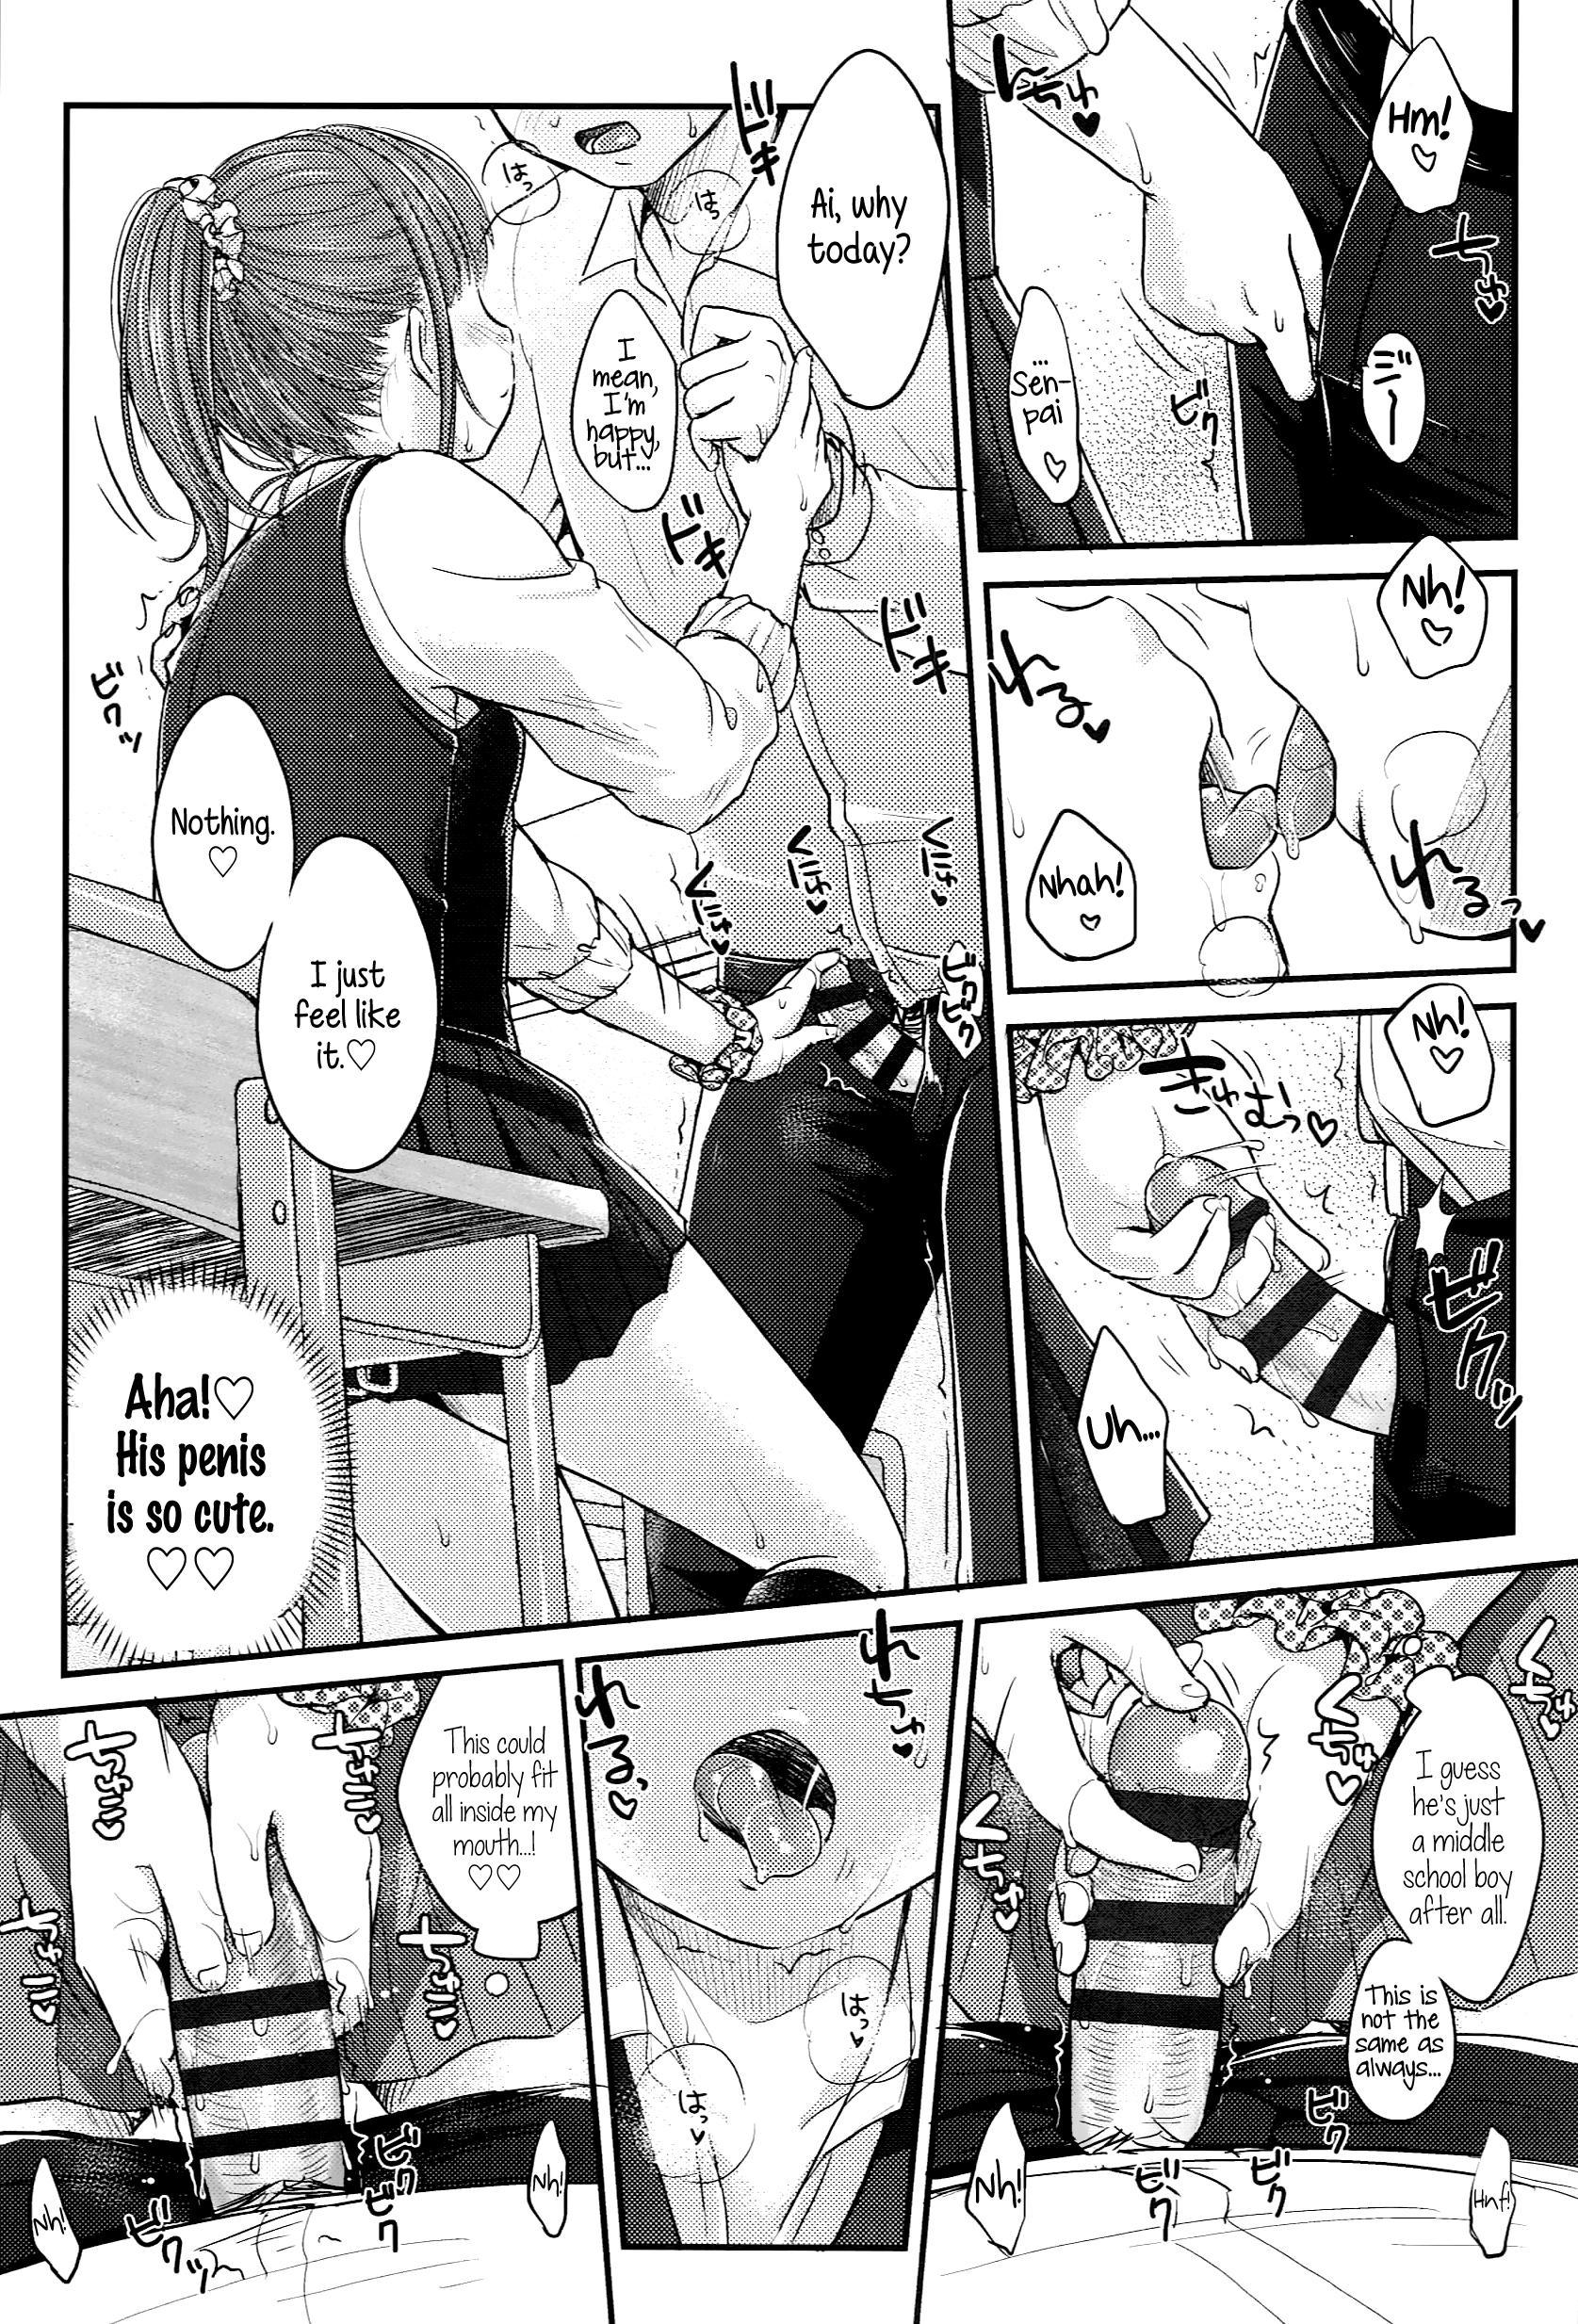 [Yukiu Con] JC Manual [English] {5 a.m.} + [Rin] 122